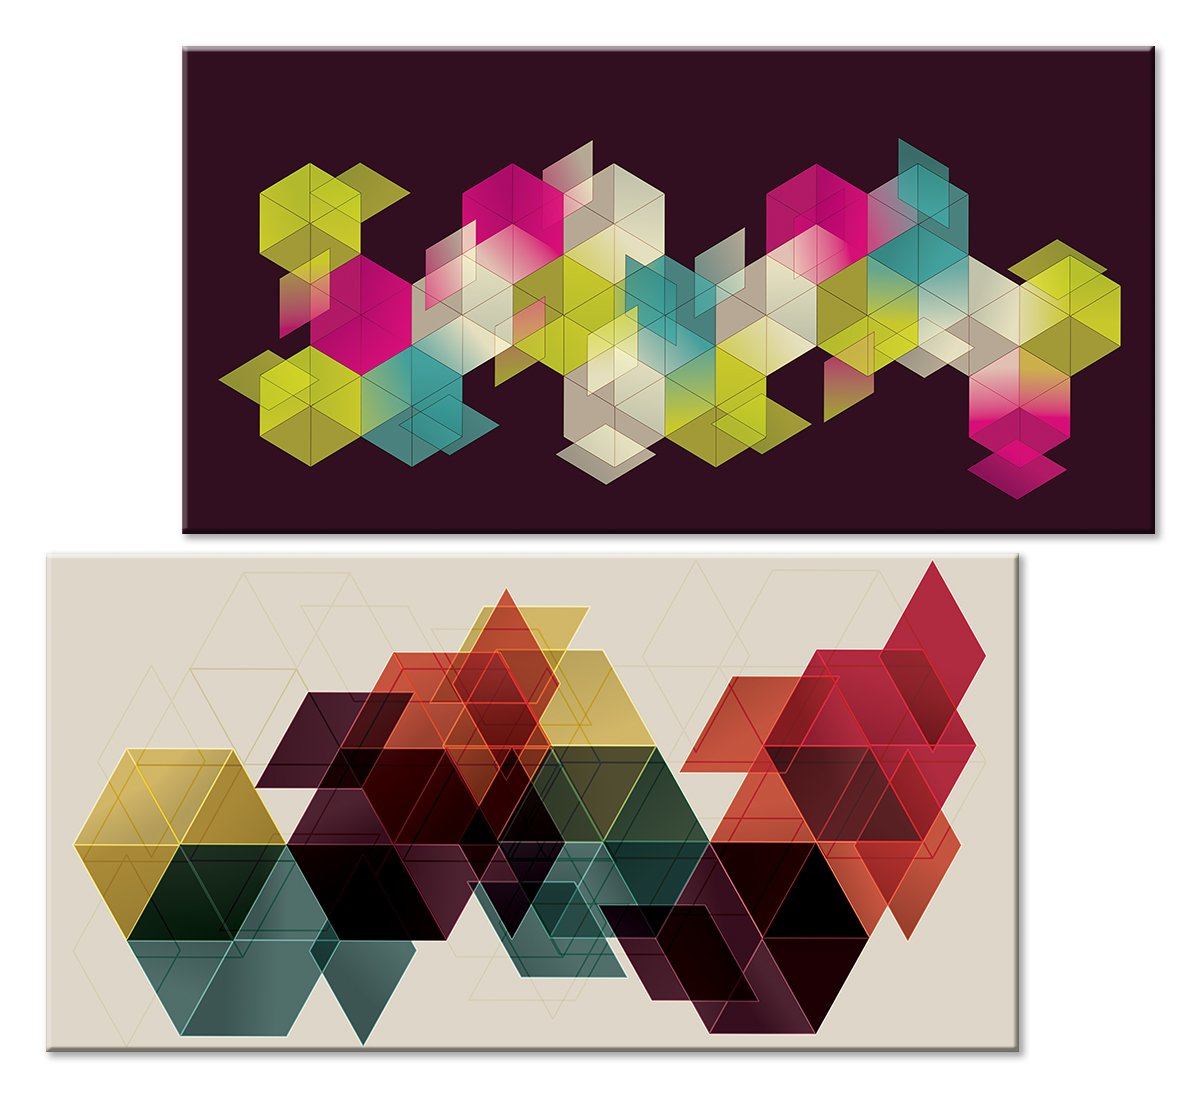 Модульная картина «Геометрия прямых», 55x50 см, модульная картинаАбстракция<br>Модульная картина на натуральном холсте и деревянном подрамнике. Подвес в комплекте. Трехслойная надежная упаковка. Доставим в любую точку России. Вам осталось только повесить картину на стену!<br>